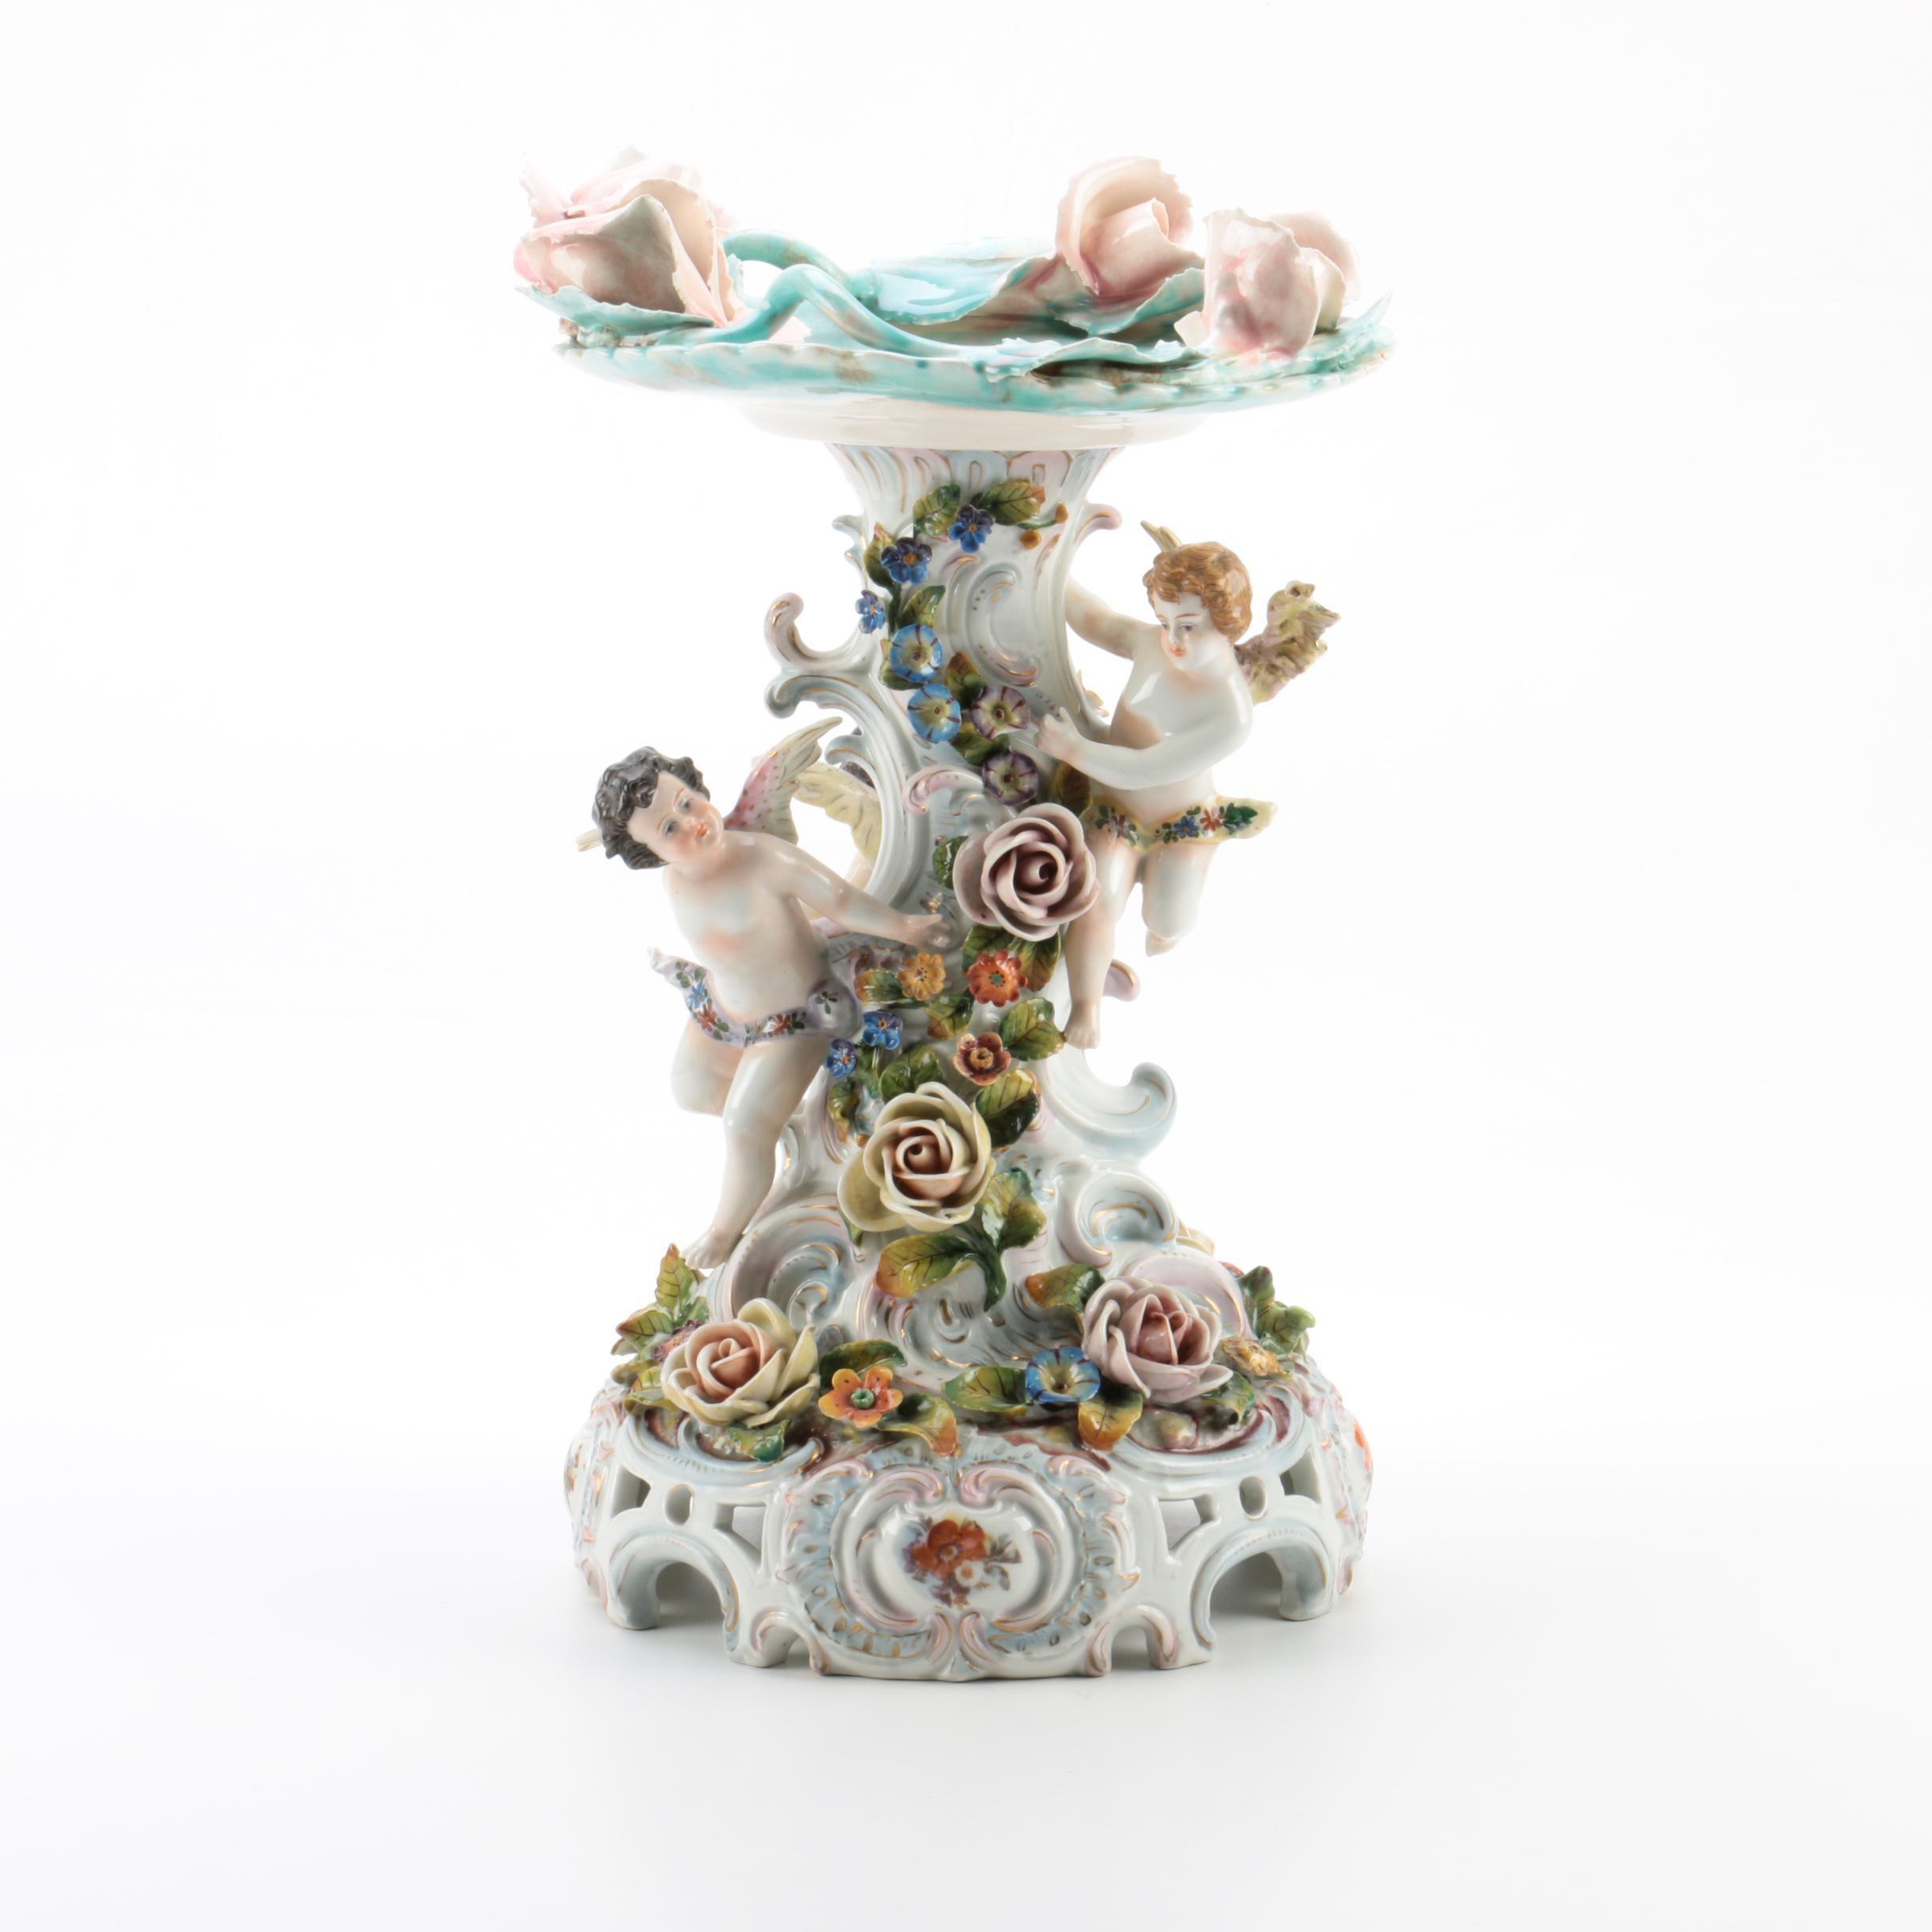 Ornate Floral Motif Porcelain Candle Holder